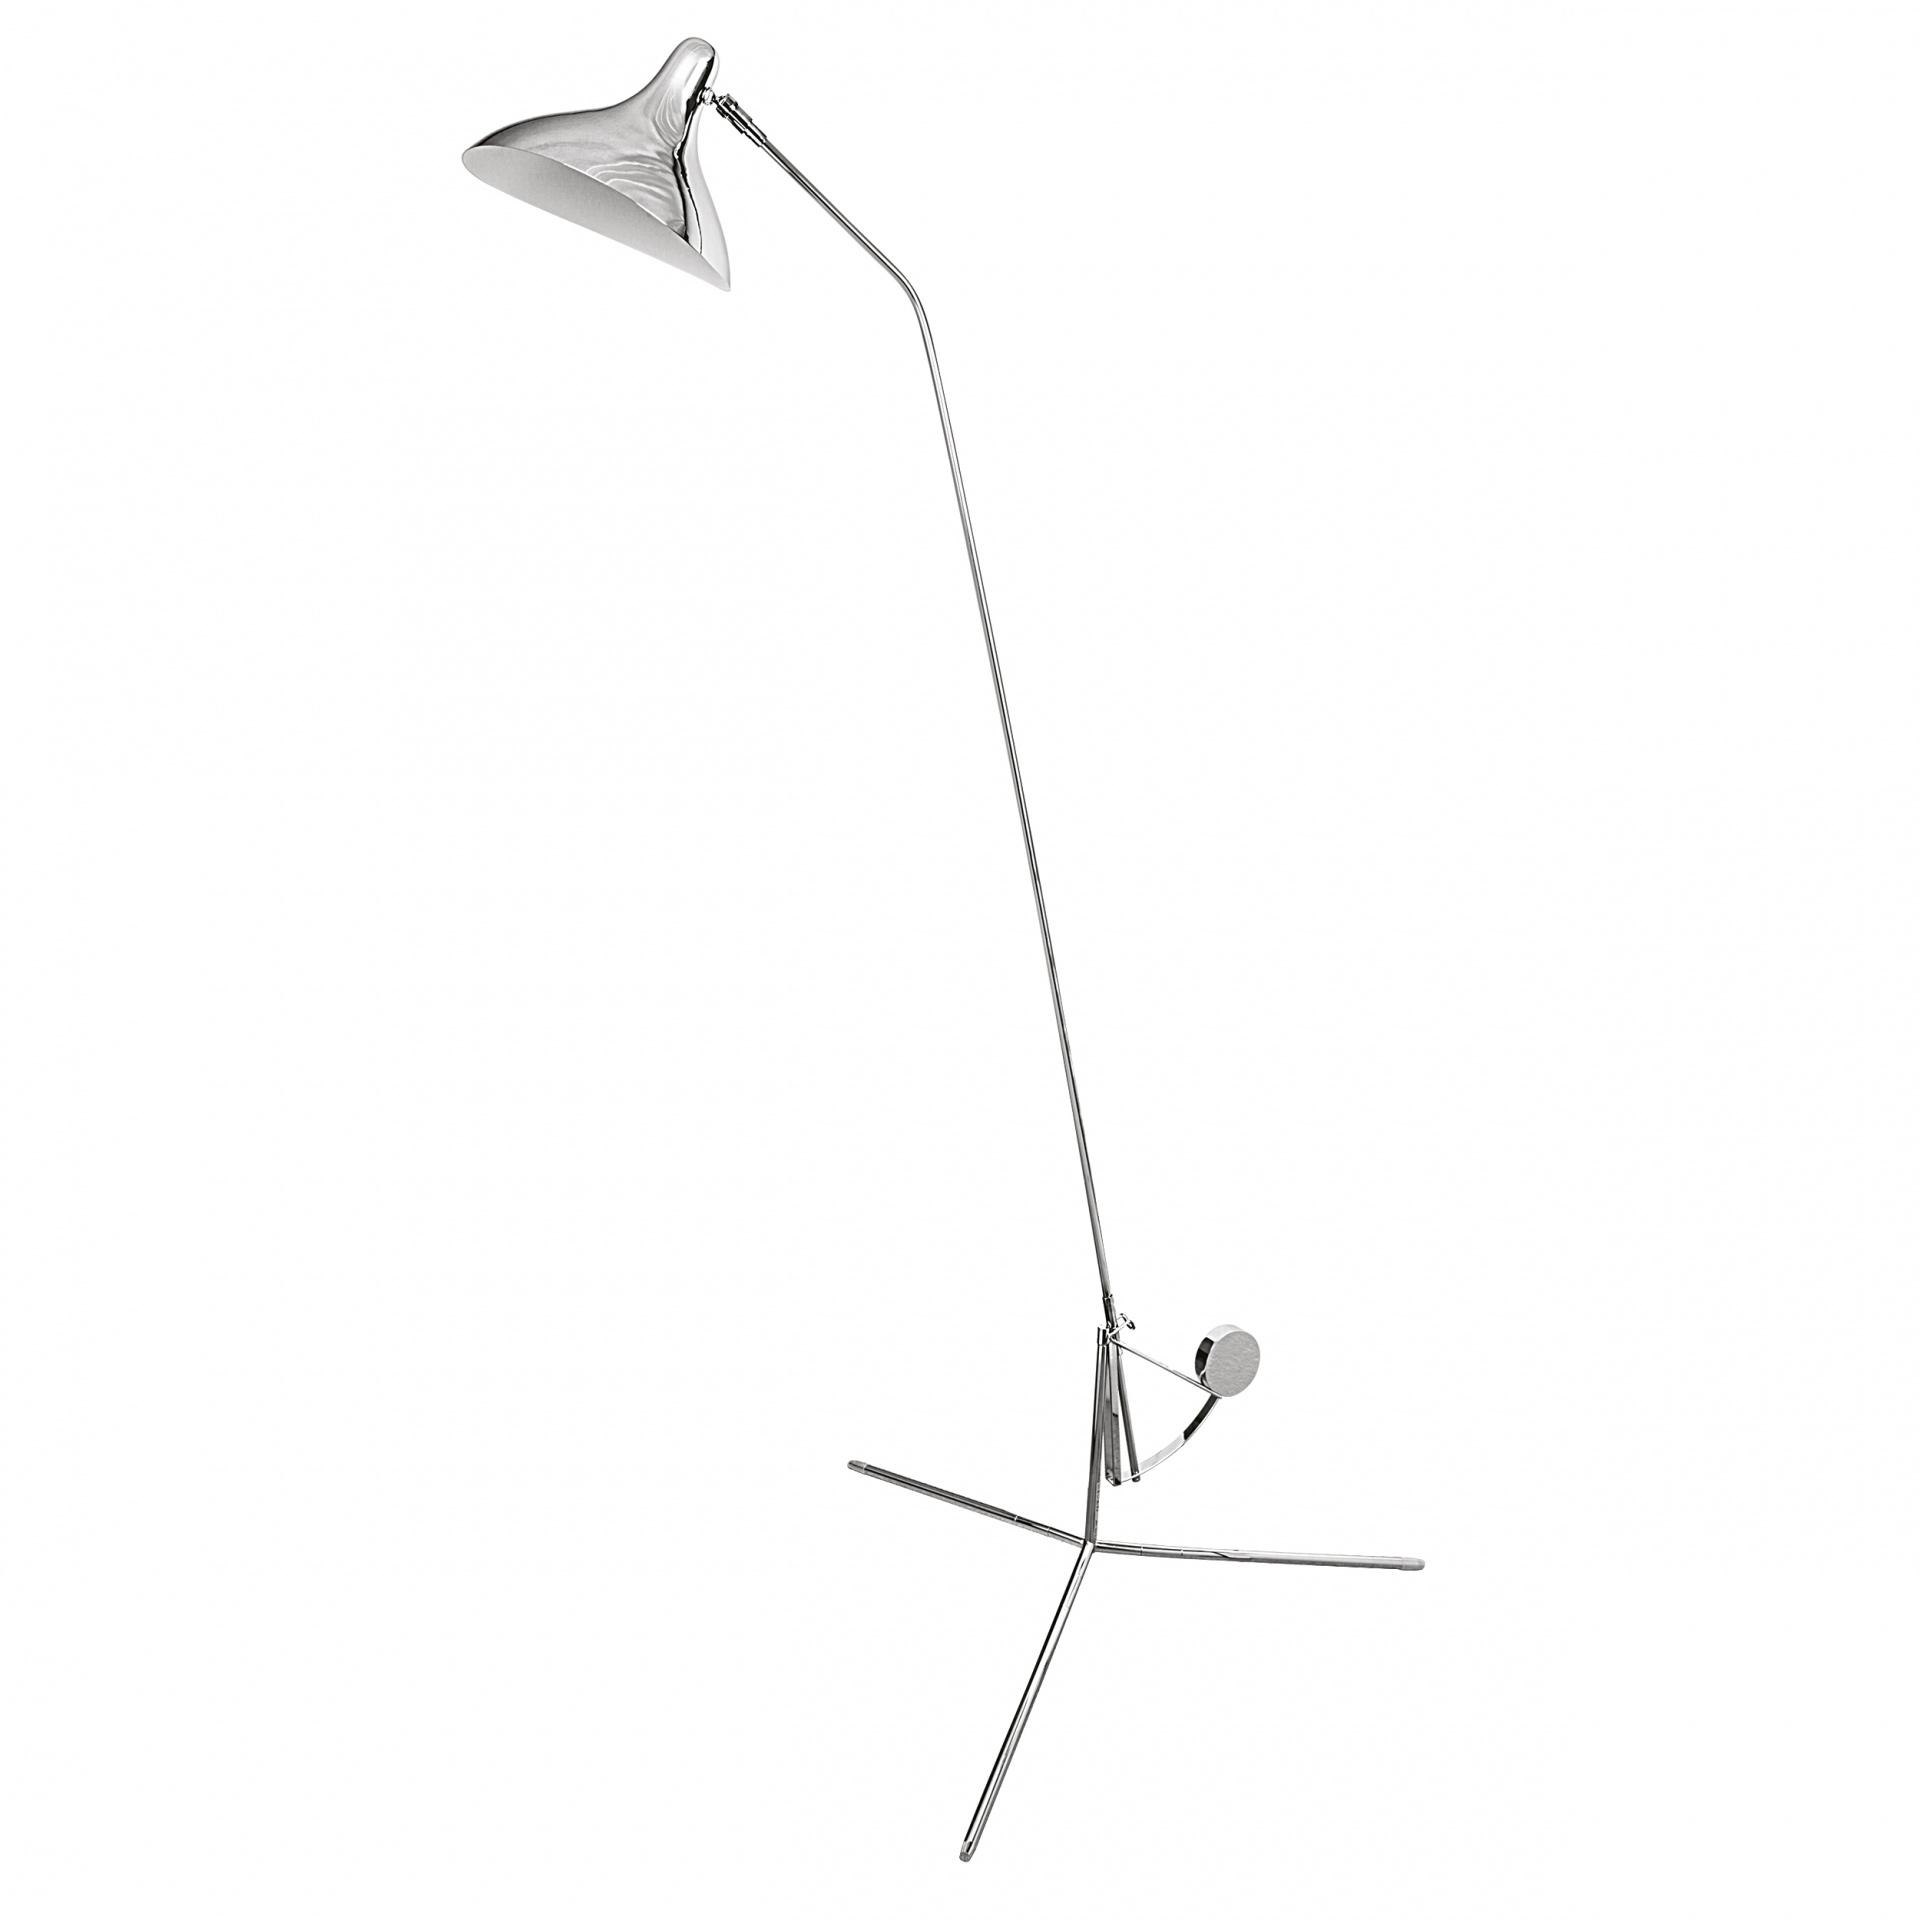 Торшер Manti 1х40W E14 хром Lightstar 764714, купить в СПб, Москве, с доставкой, Санкт-Петербург, интернет-магазин люстр и светильников Starlight, фото в жизни